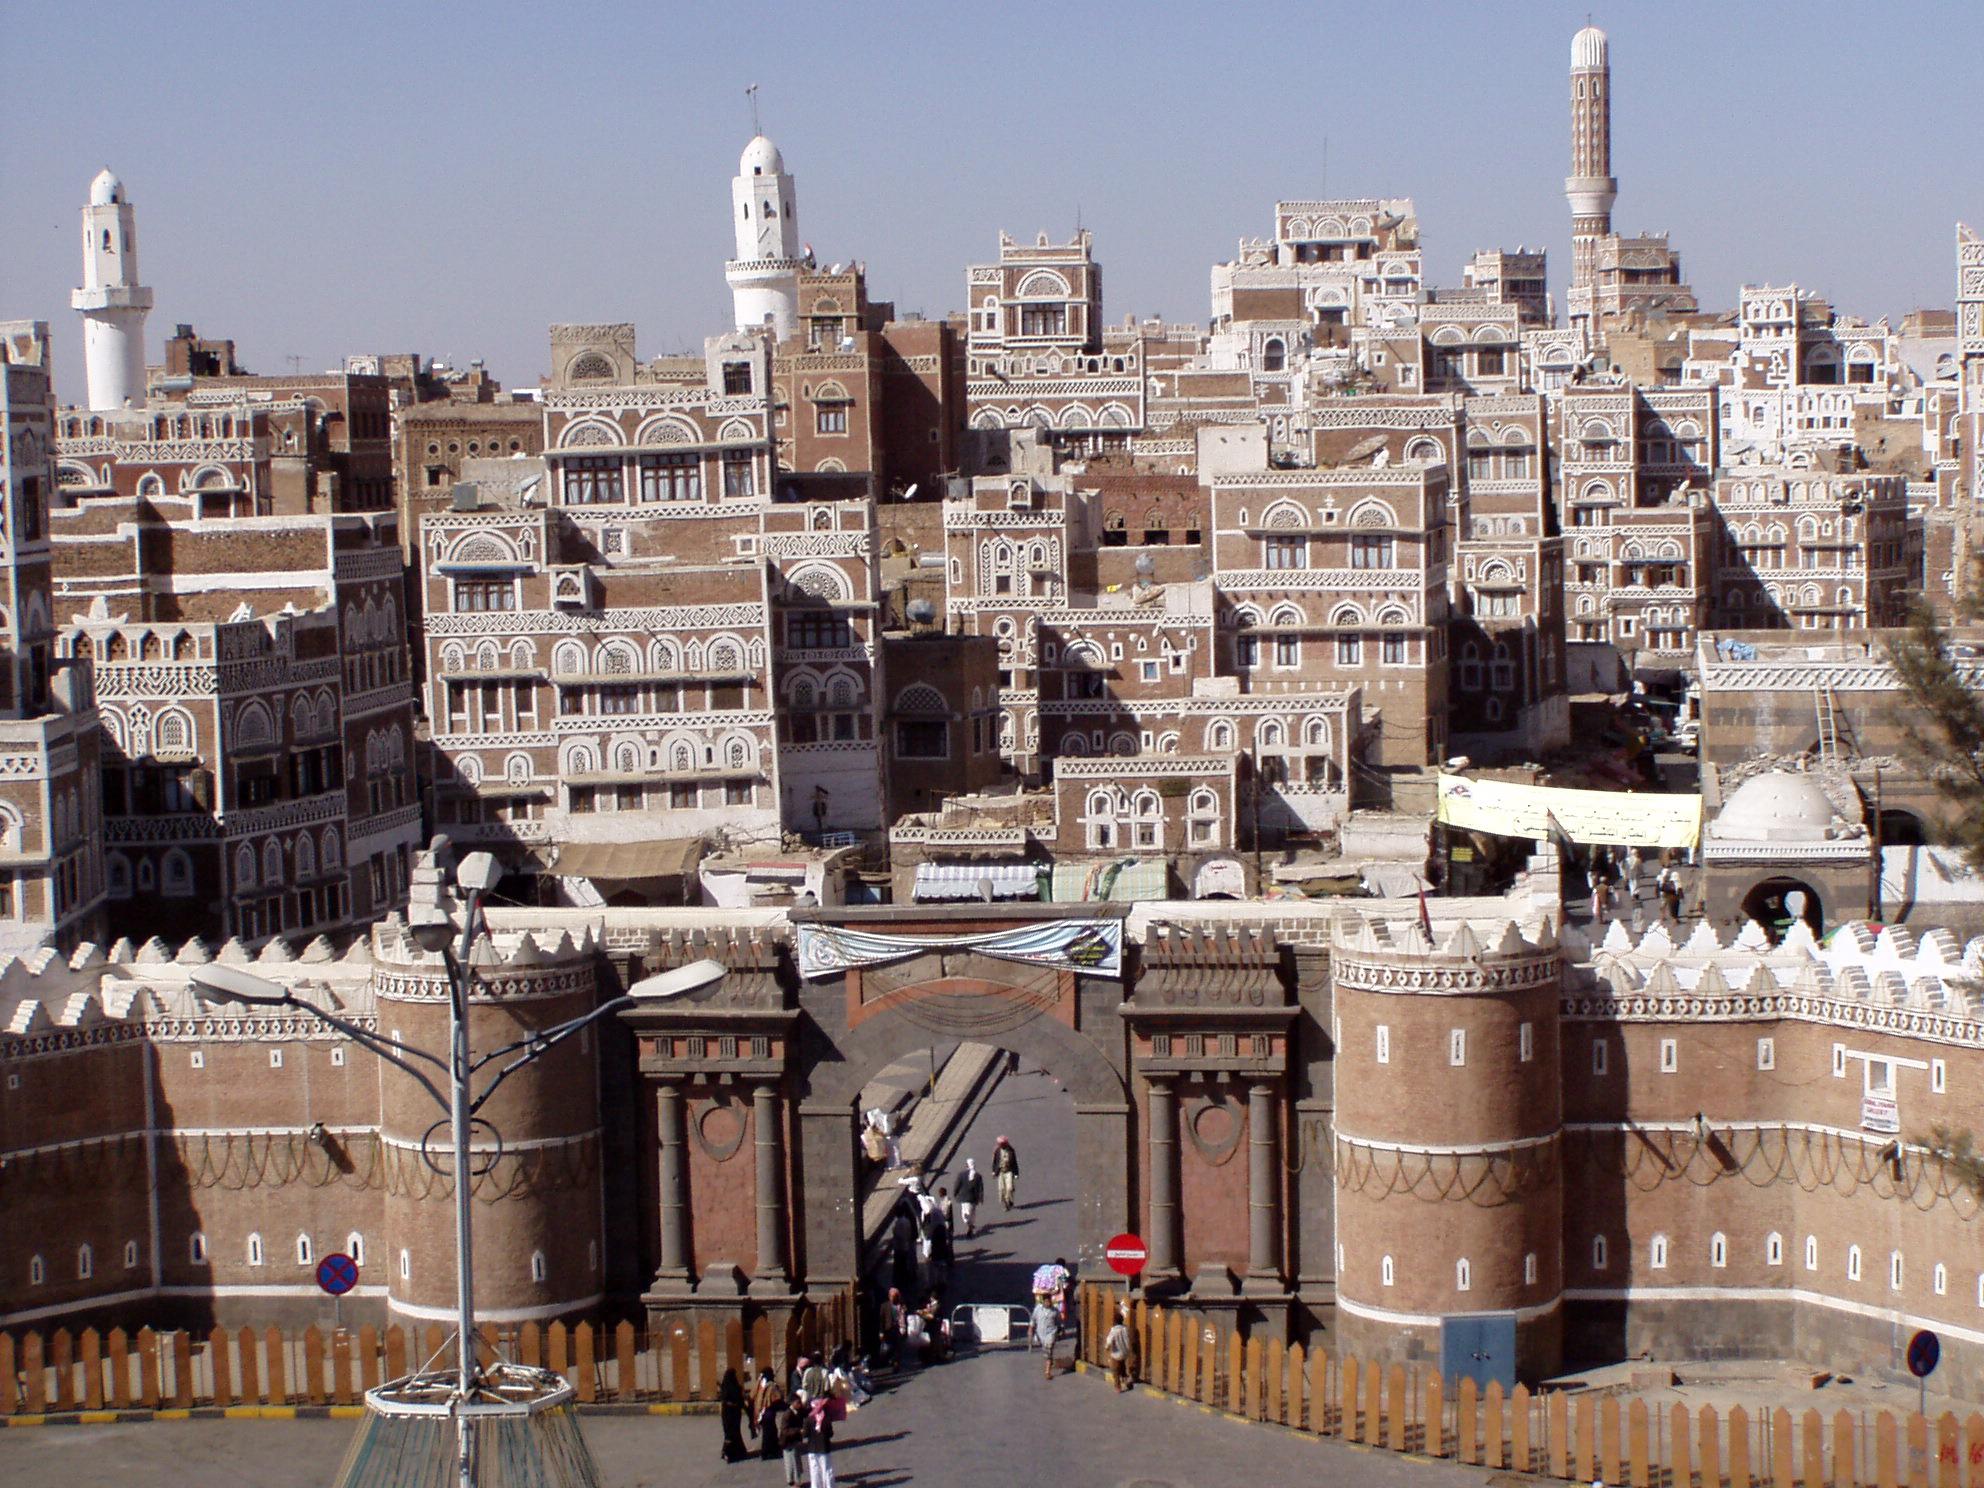 Bab-ul-Yemen%2C_Sana%27a_%282286002741%29.jpg